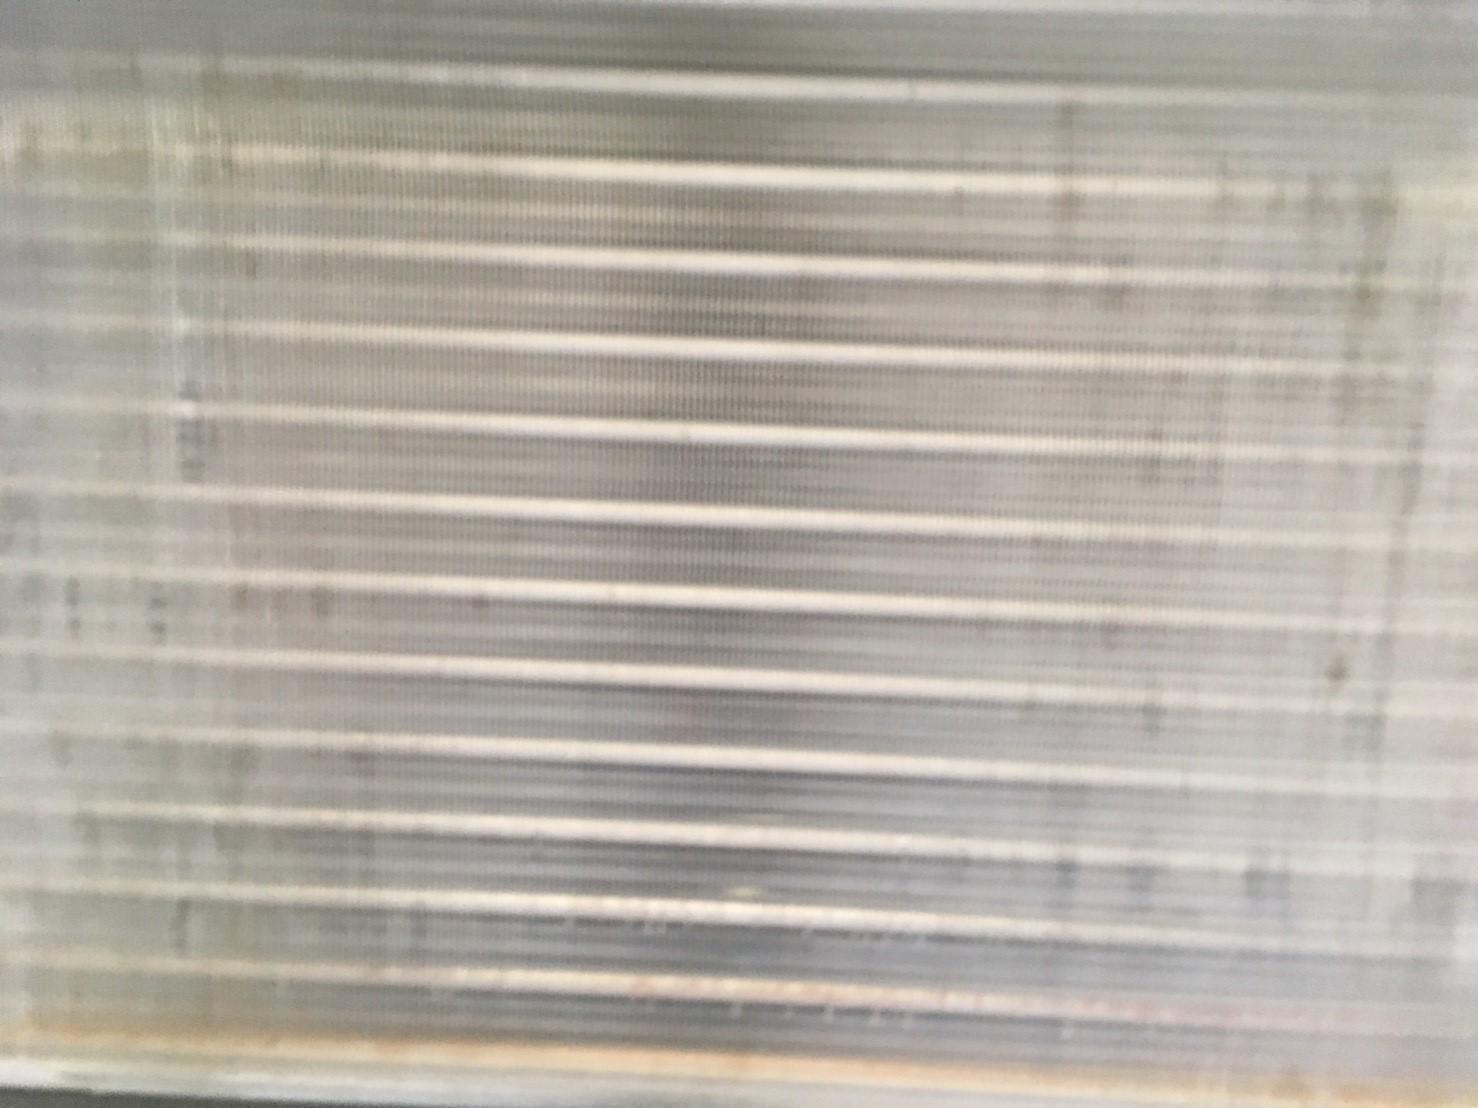 三菱製業務用エアコンクリーニング現場写真。業務用エアコン天井吊り形アルミフィンアップ